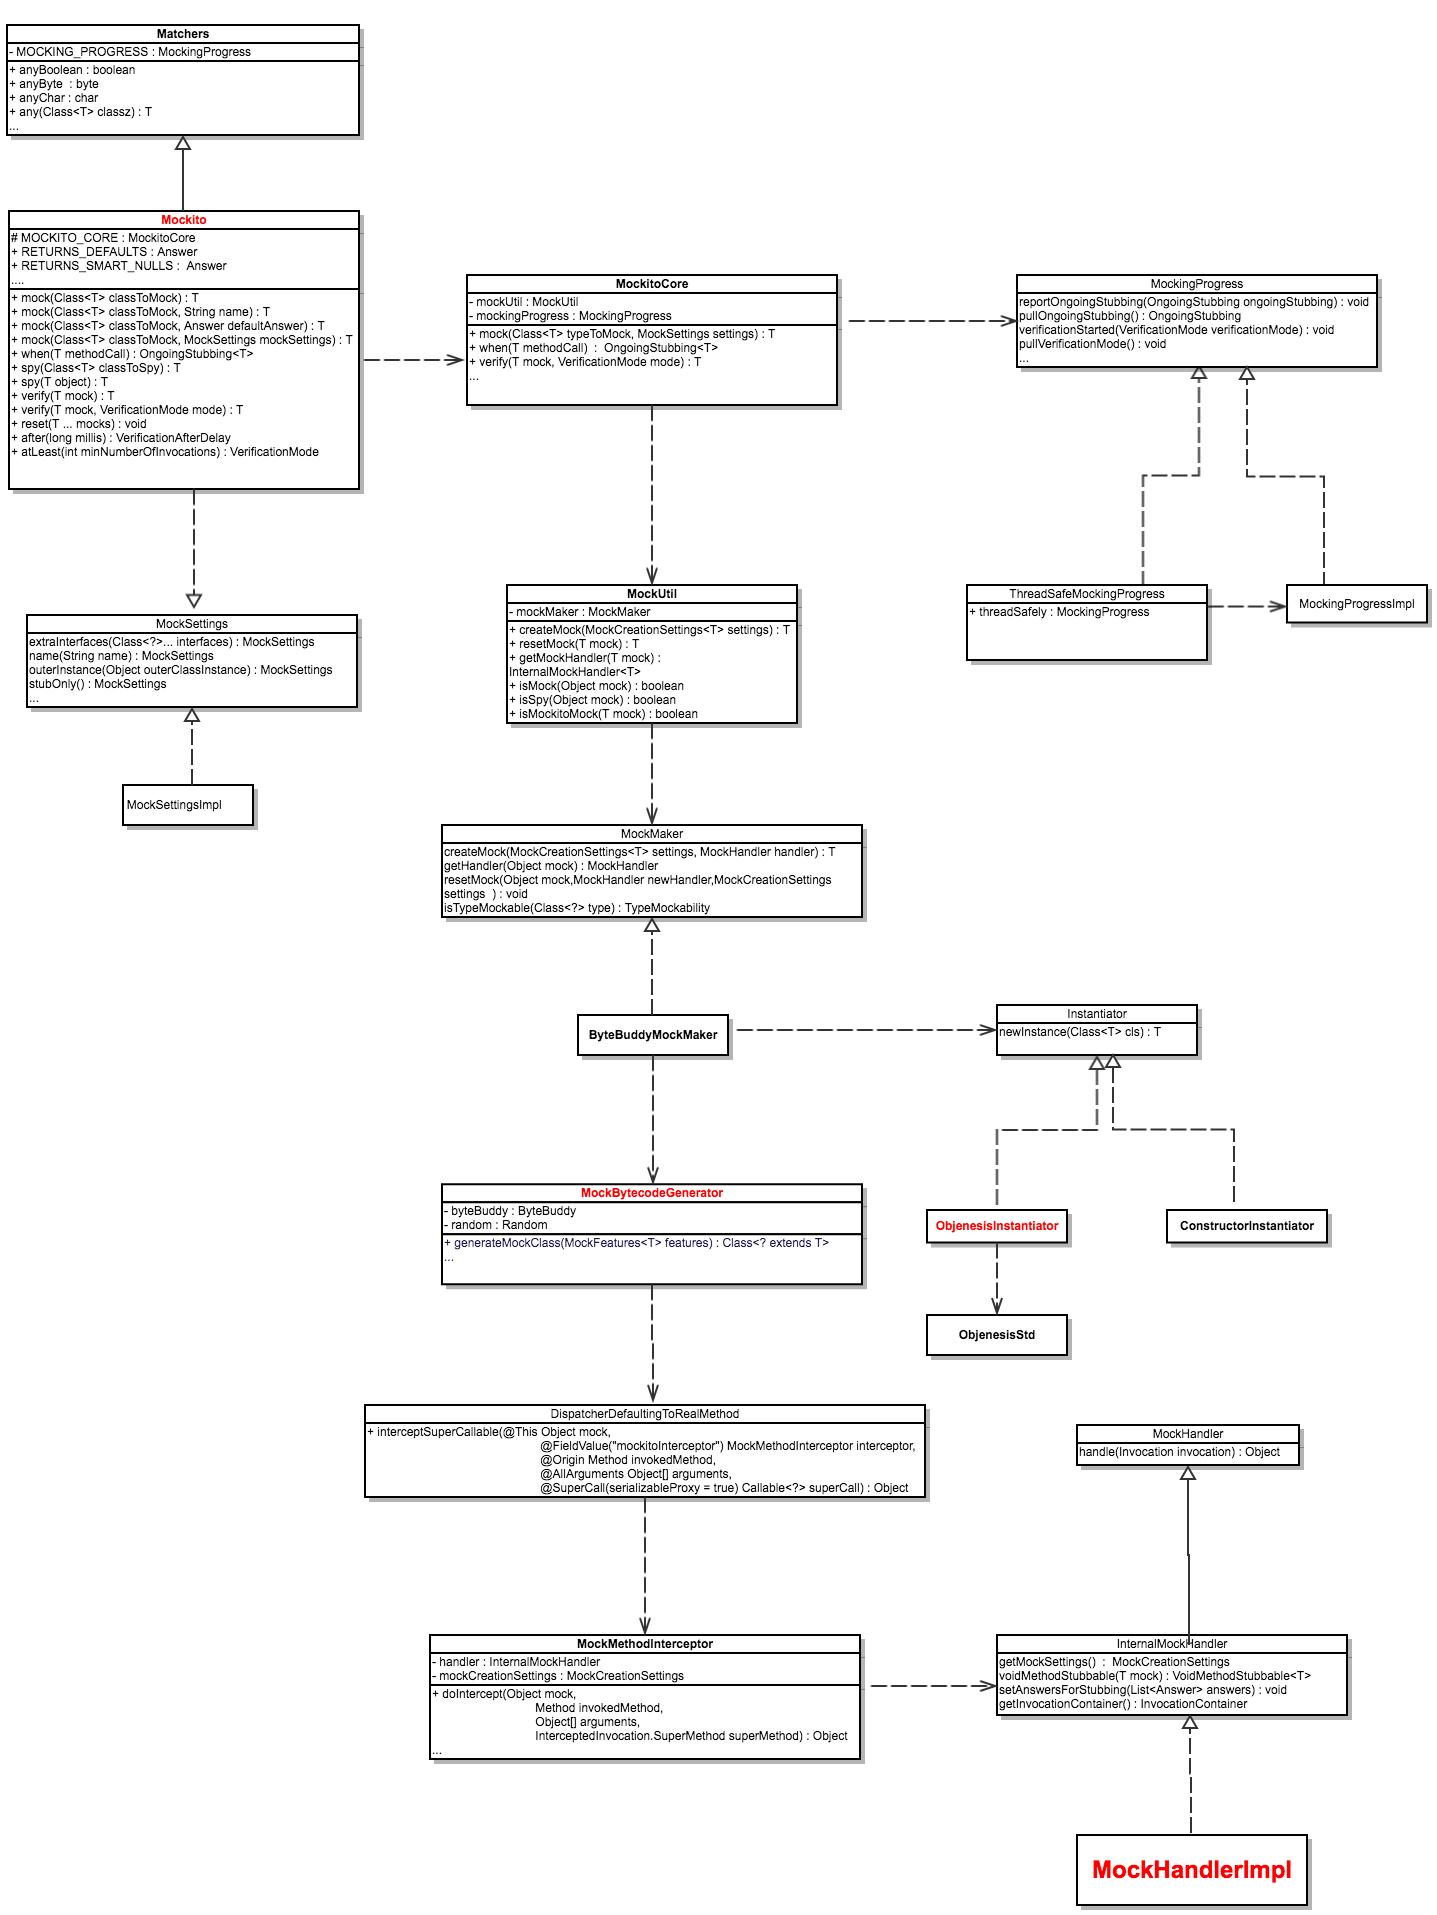 Mockito源码解析- 为程序员服务